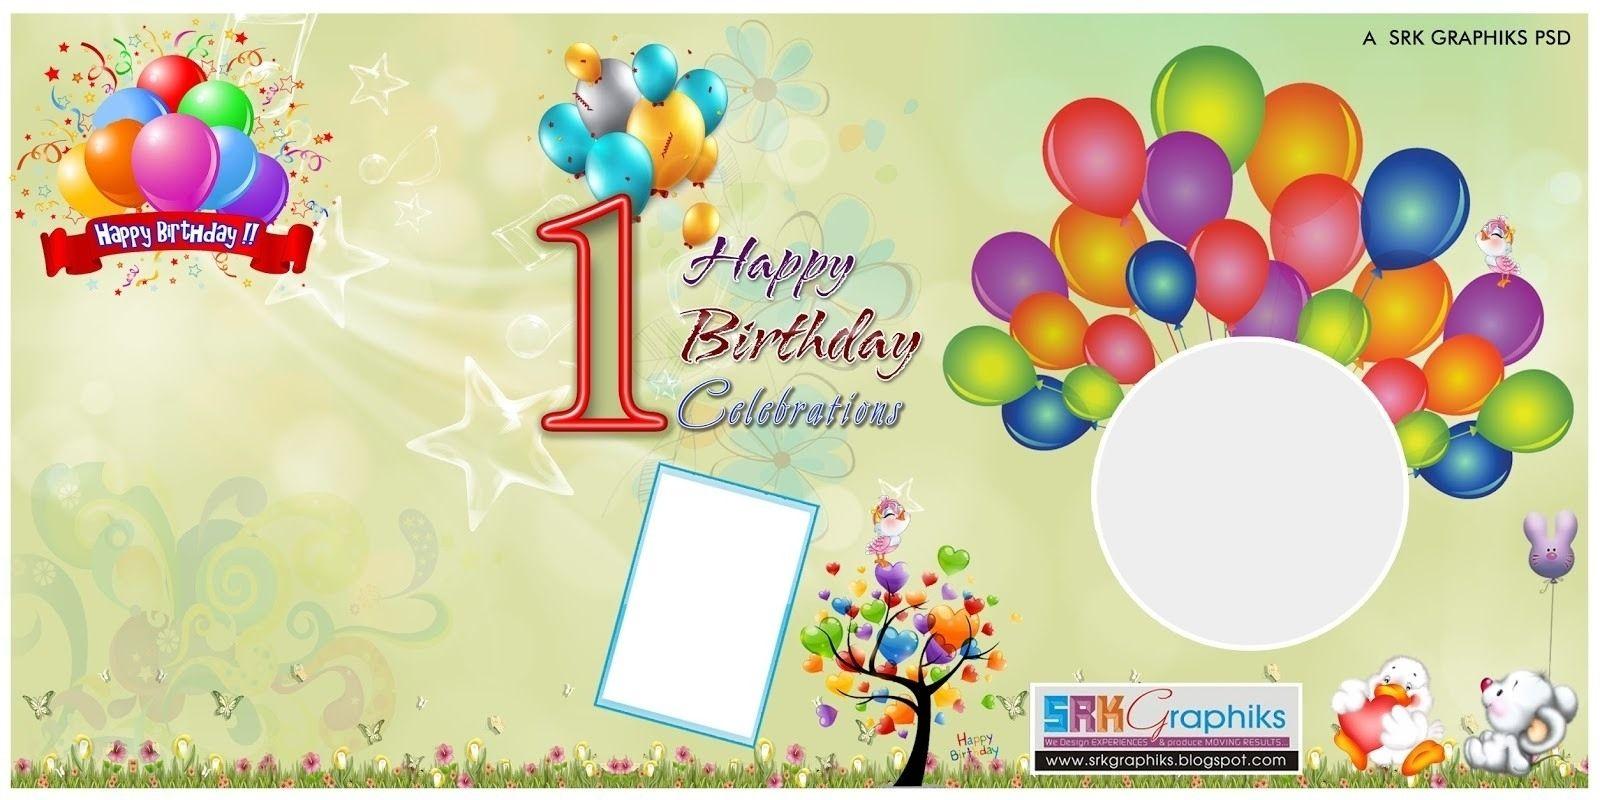 Birthday Flex Banner Design Psd Template Free Downloads Srk